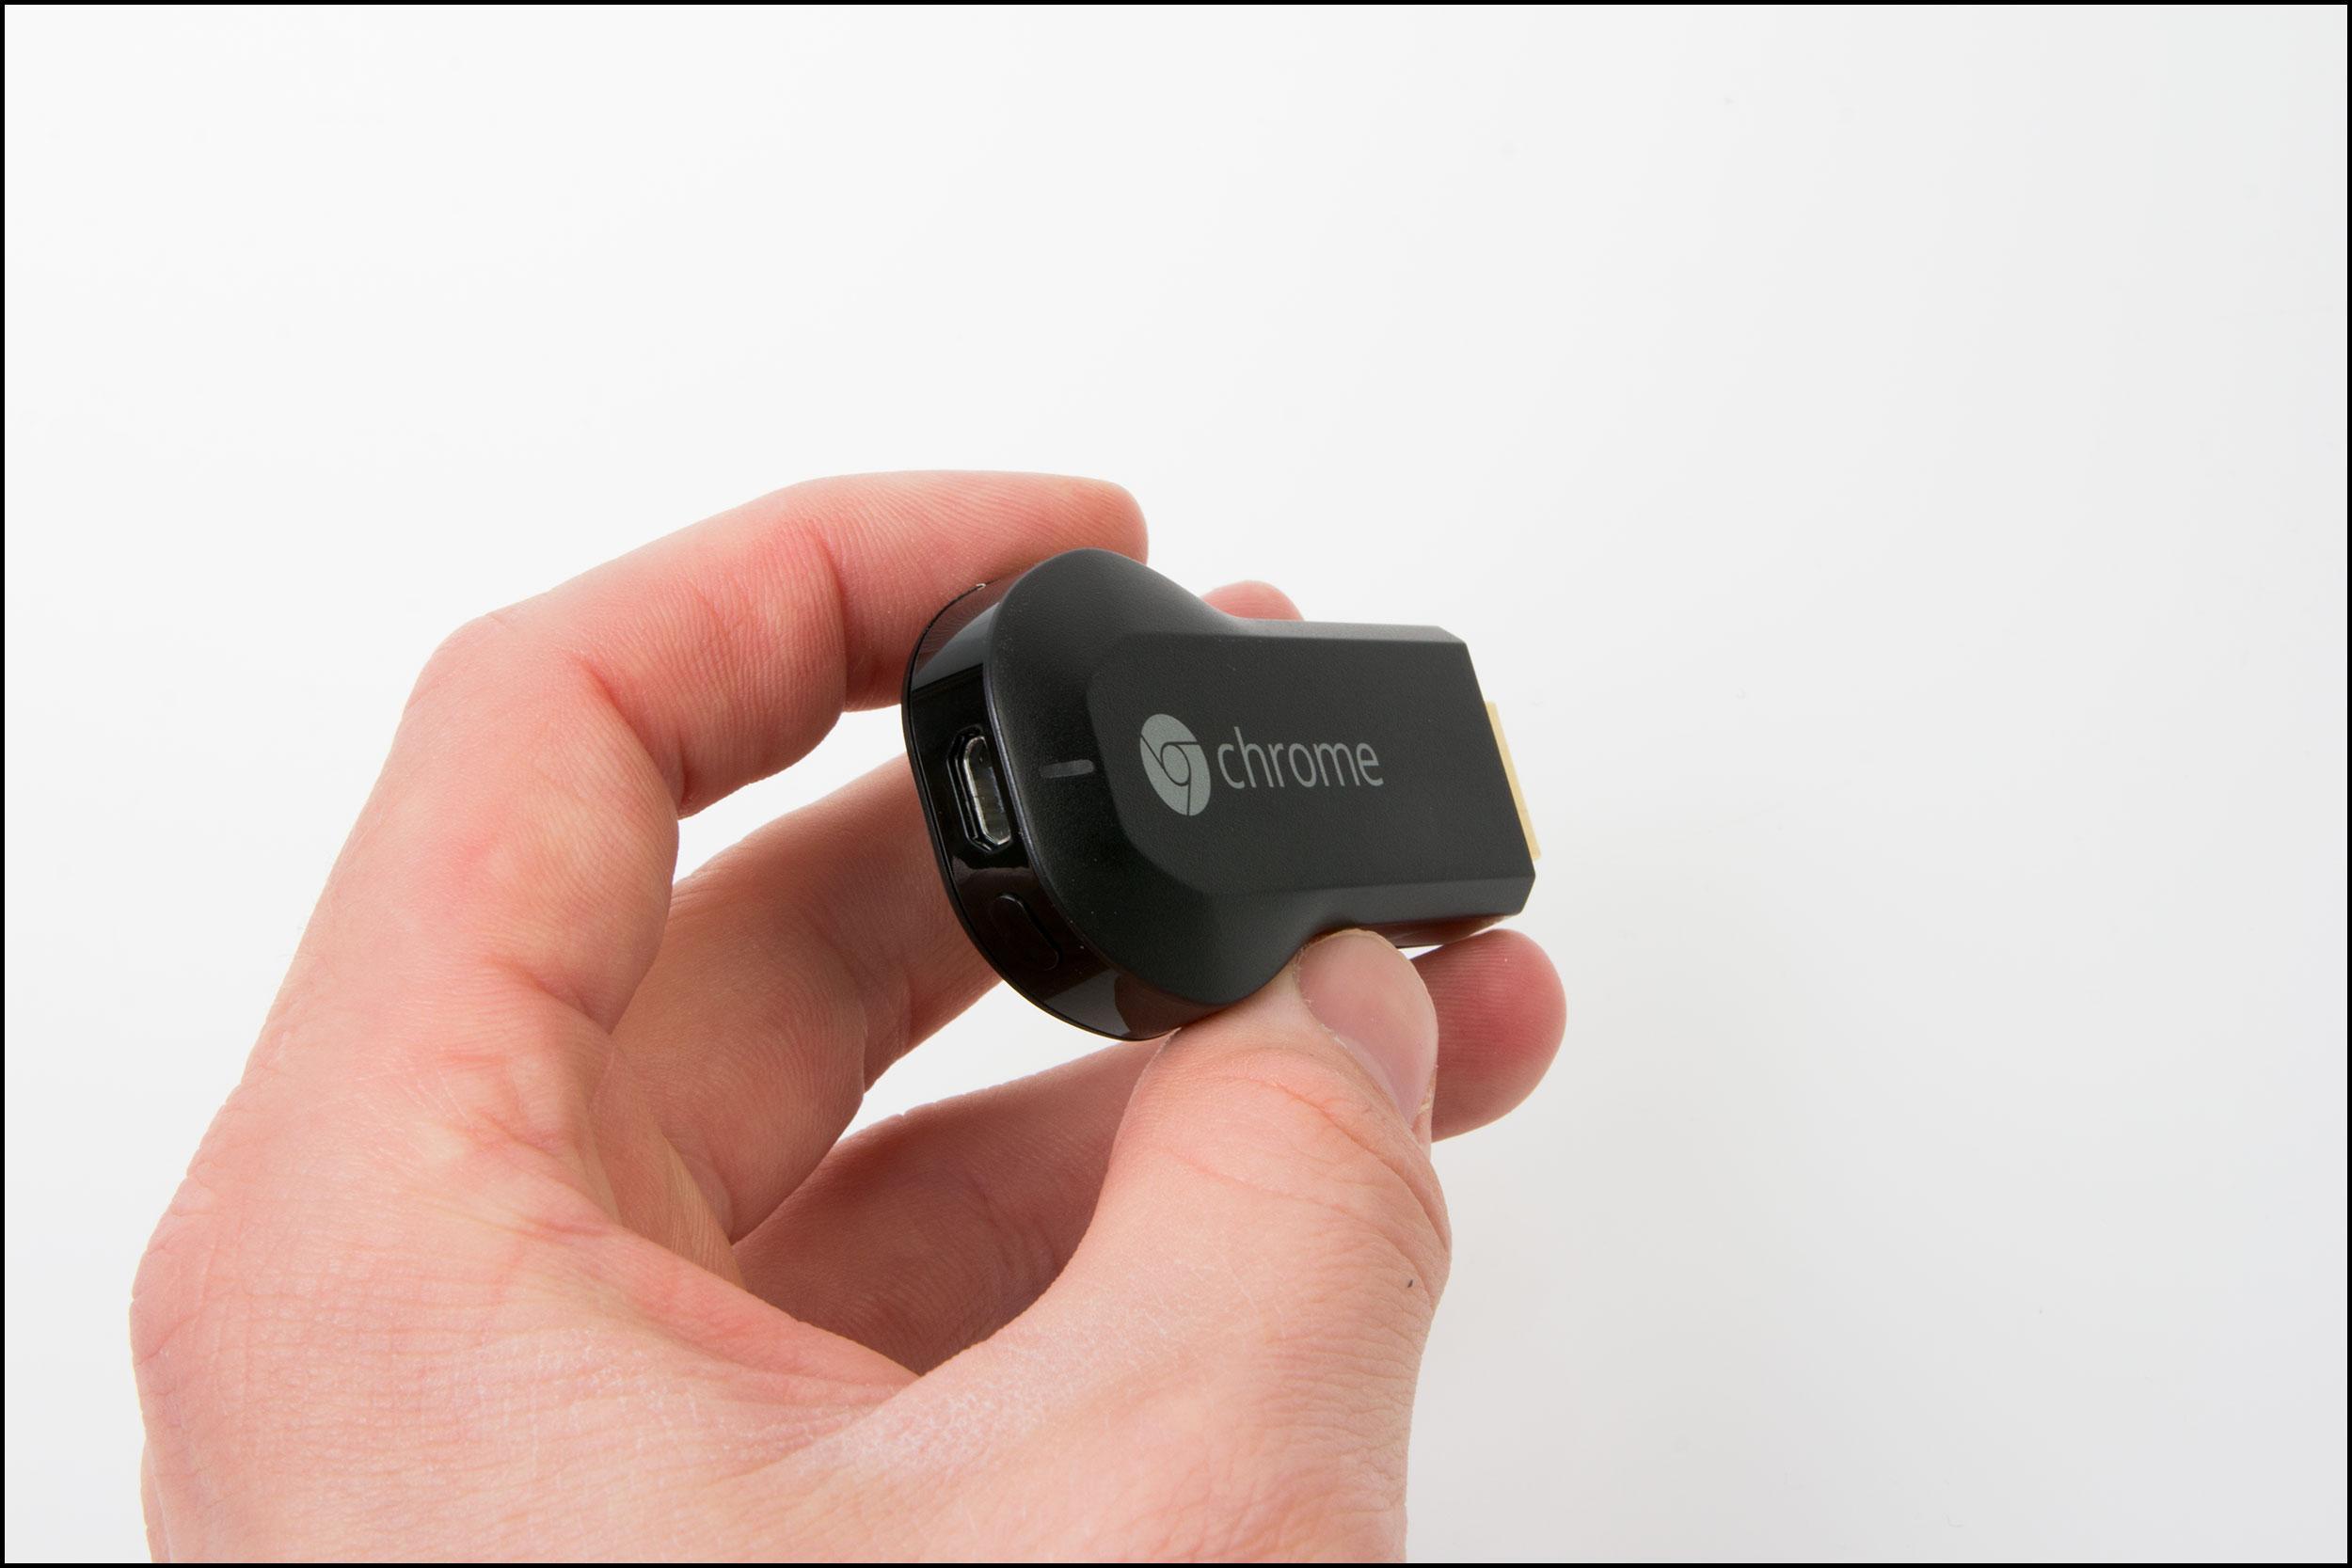 Den får strøm fra en liten USB-kontakt. Foto: Jørgen Elton Nilsen, Hardware.no